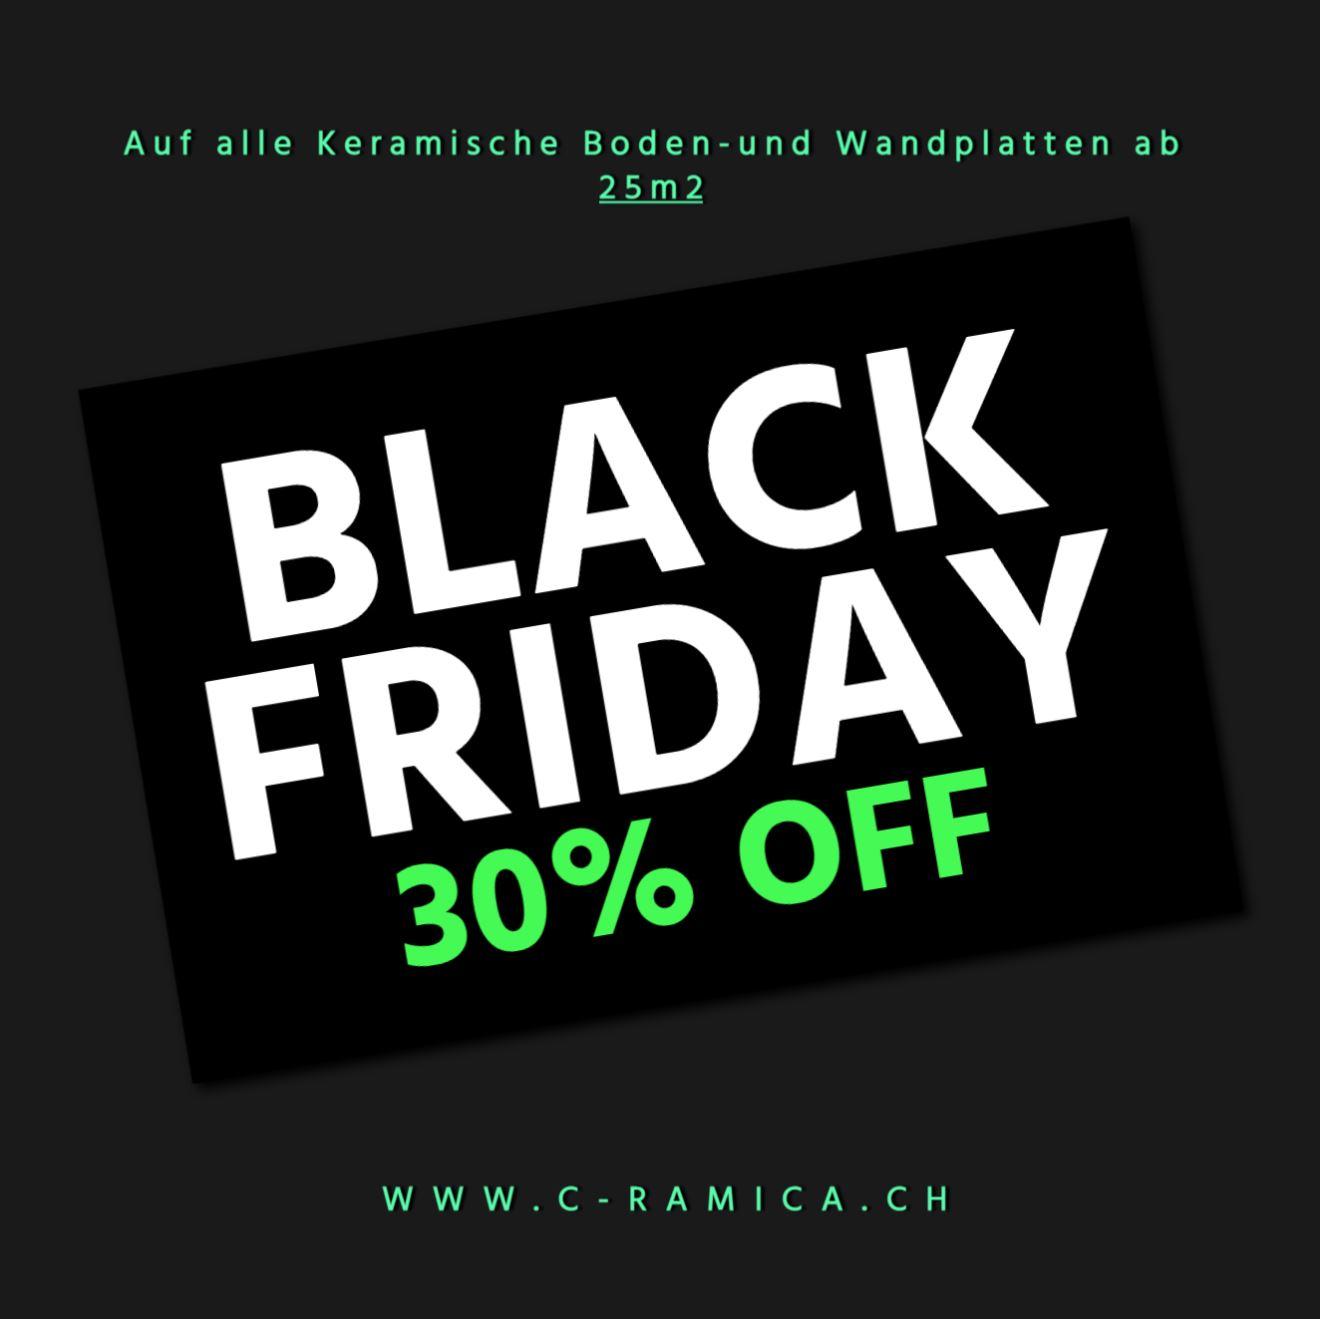 black friday 30% keramik bodenplatten wandplatten carrelages plättli rabatt günstig c-ramica